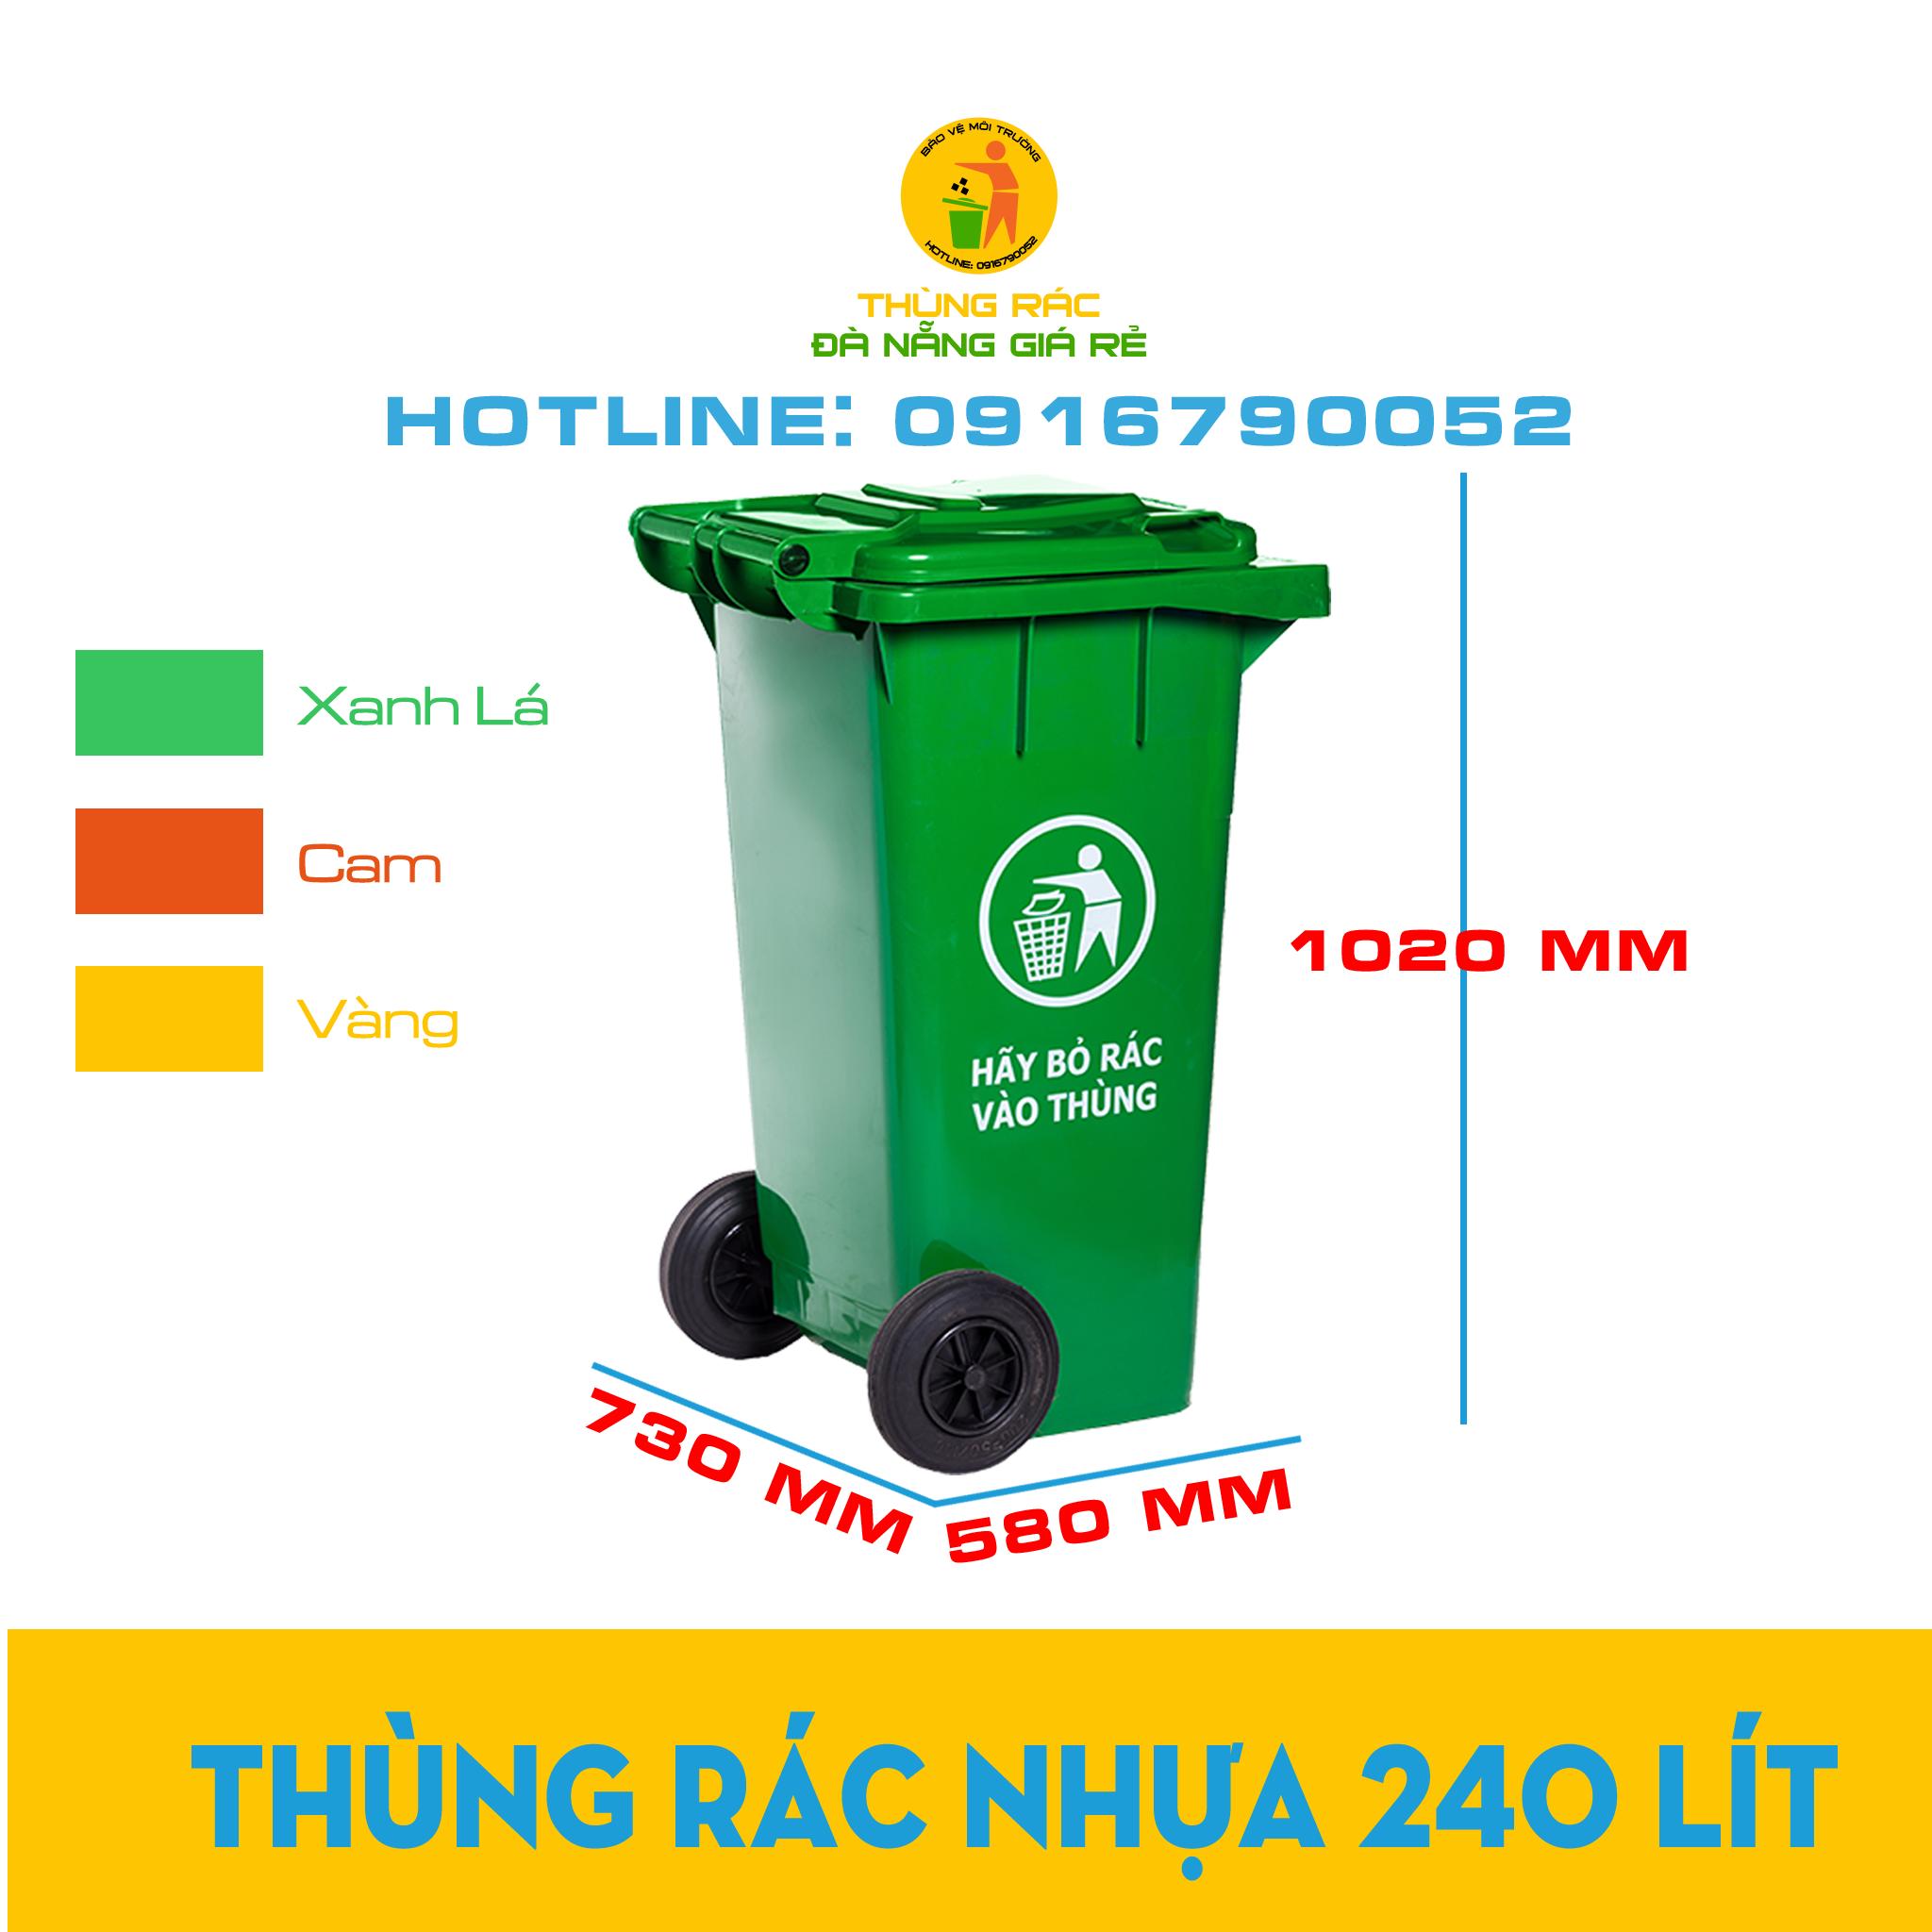 Thùng rác nhựa công cộng 240 lít màu xanh